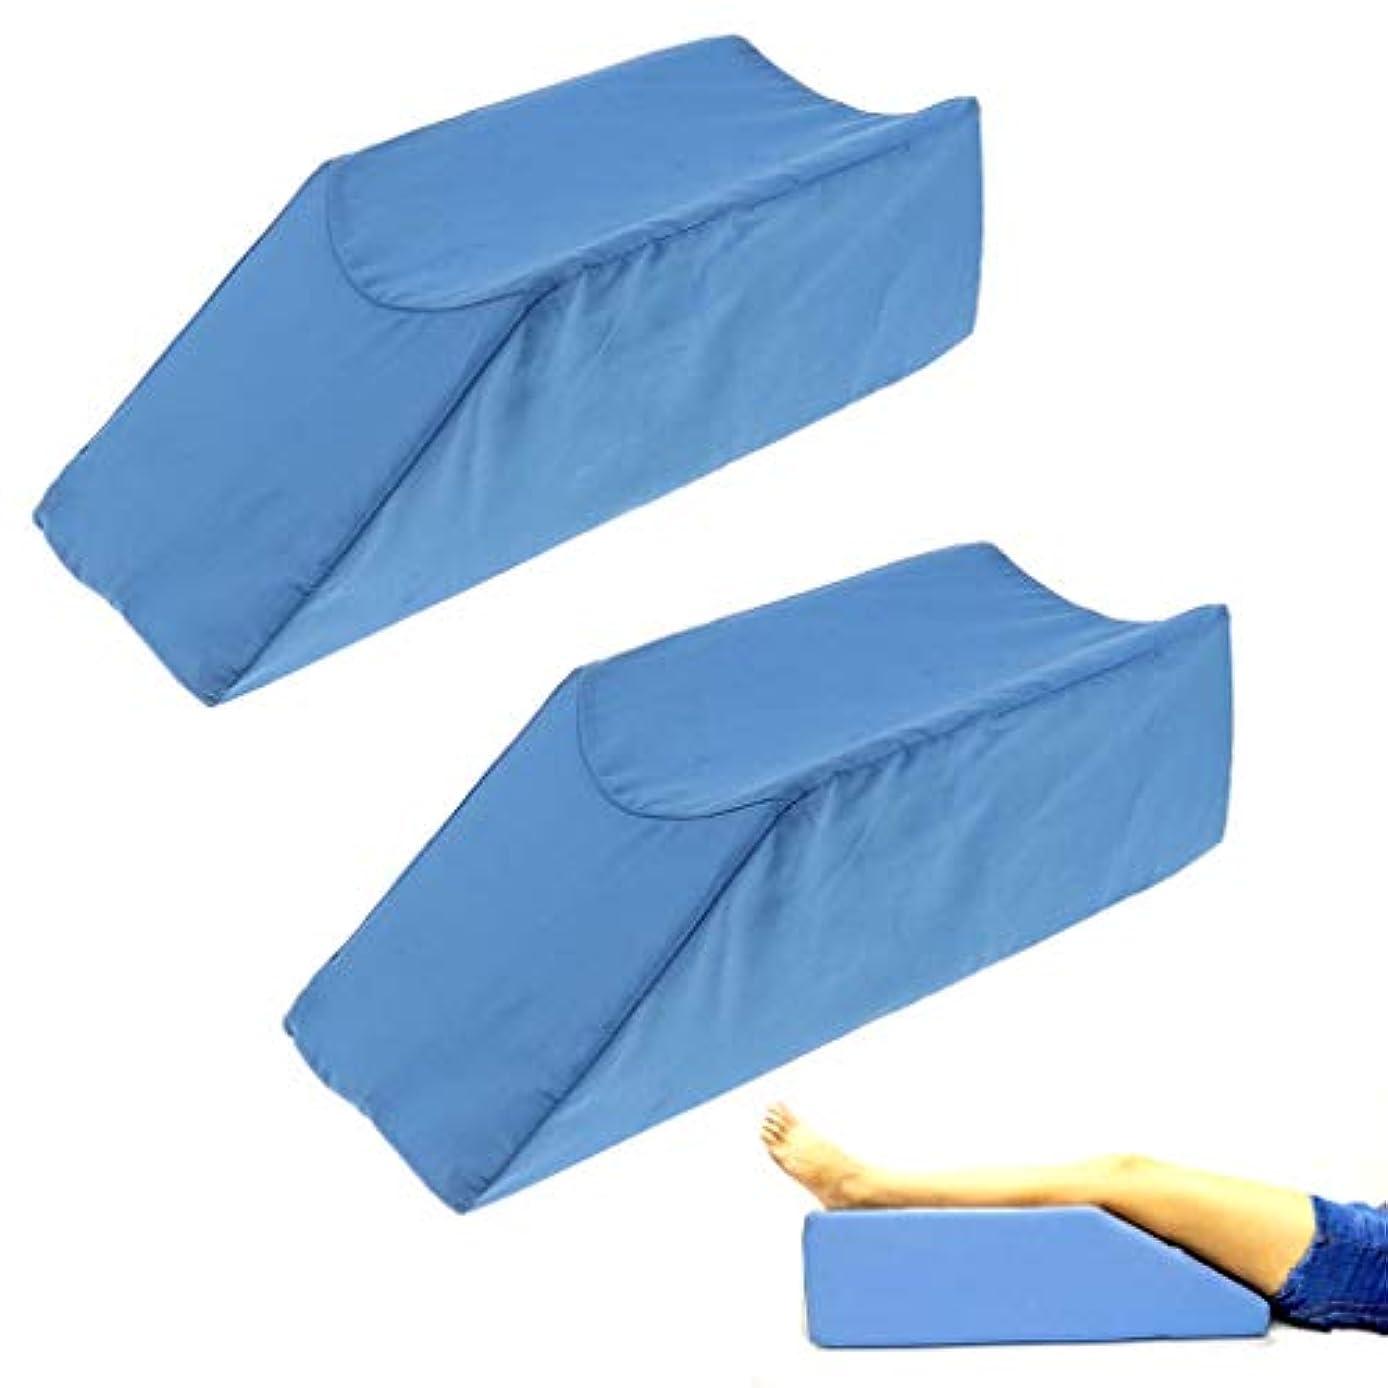 小切手満州病気膝足脚昇降スプリント-脚昇降枕-妊娠、腰痛、坐骨神経痛のためのウェッジエレベーターサポートクッション(2パック)